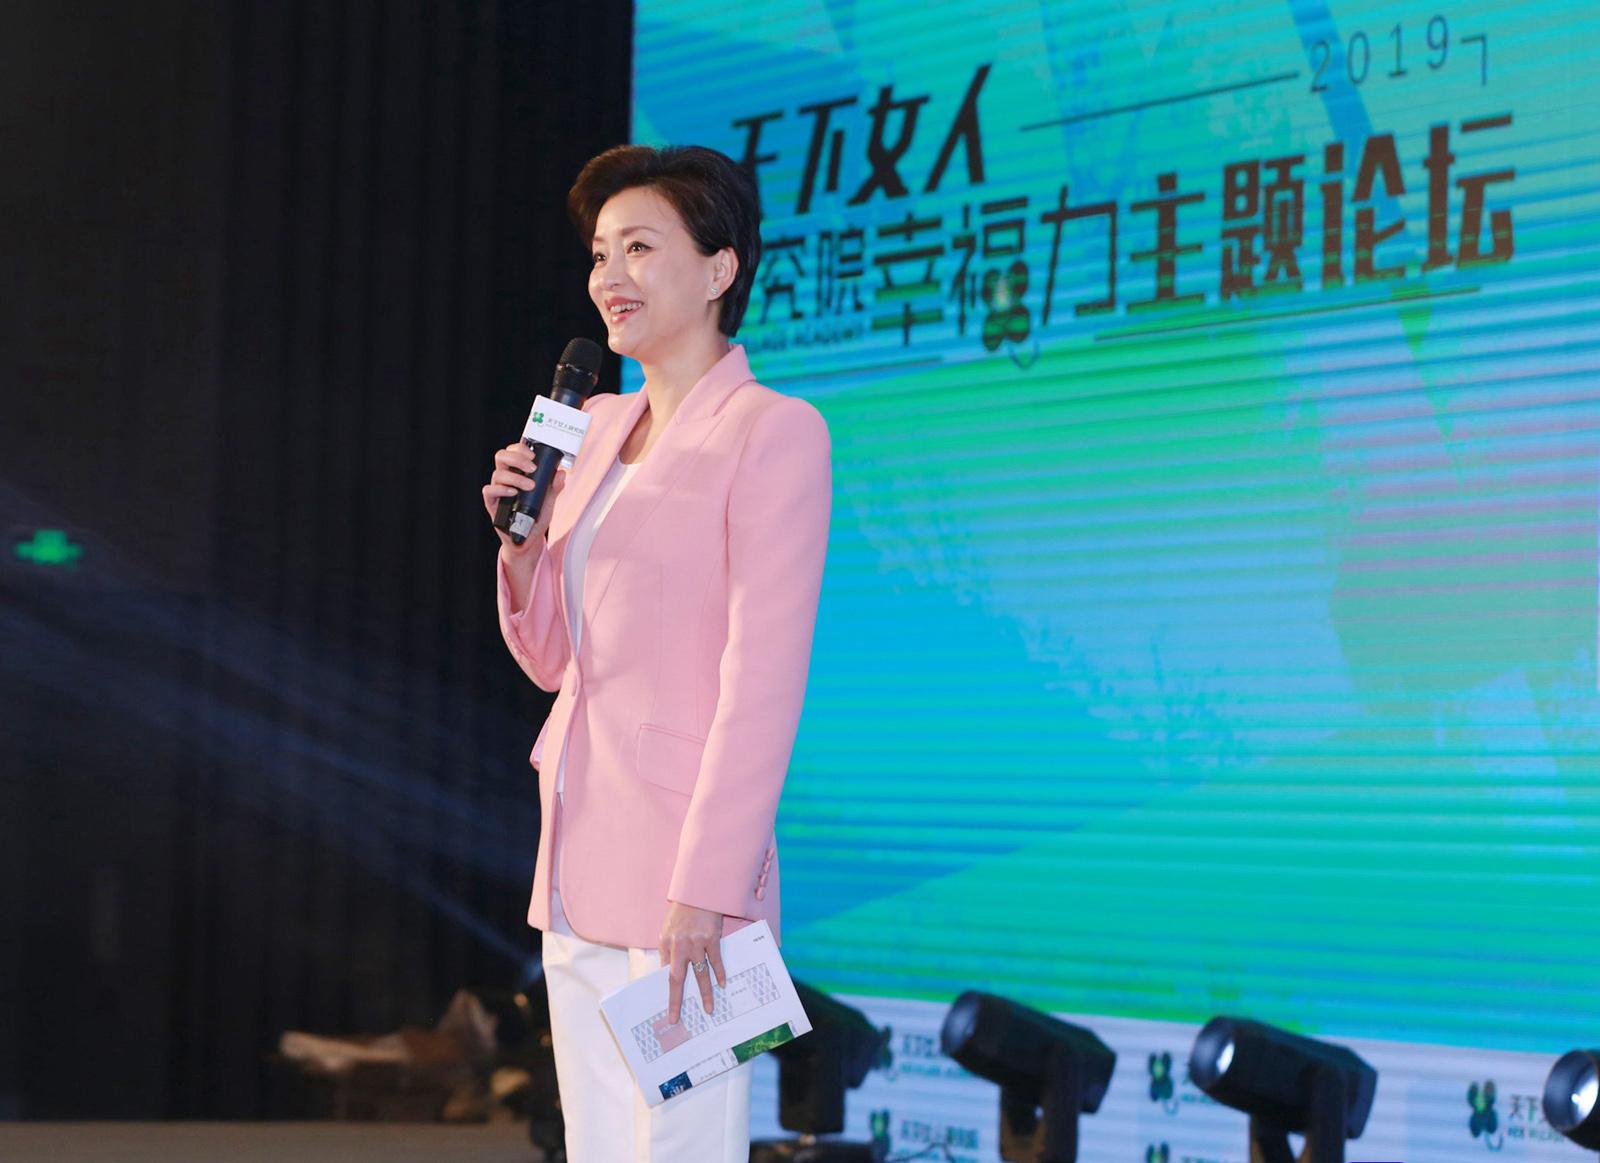 幸福力论坛在深举行 天下数千名女性齐聚深圳新闻网